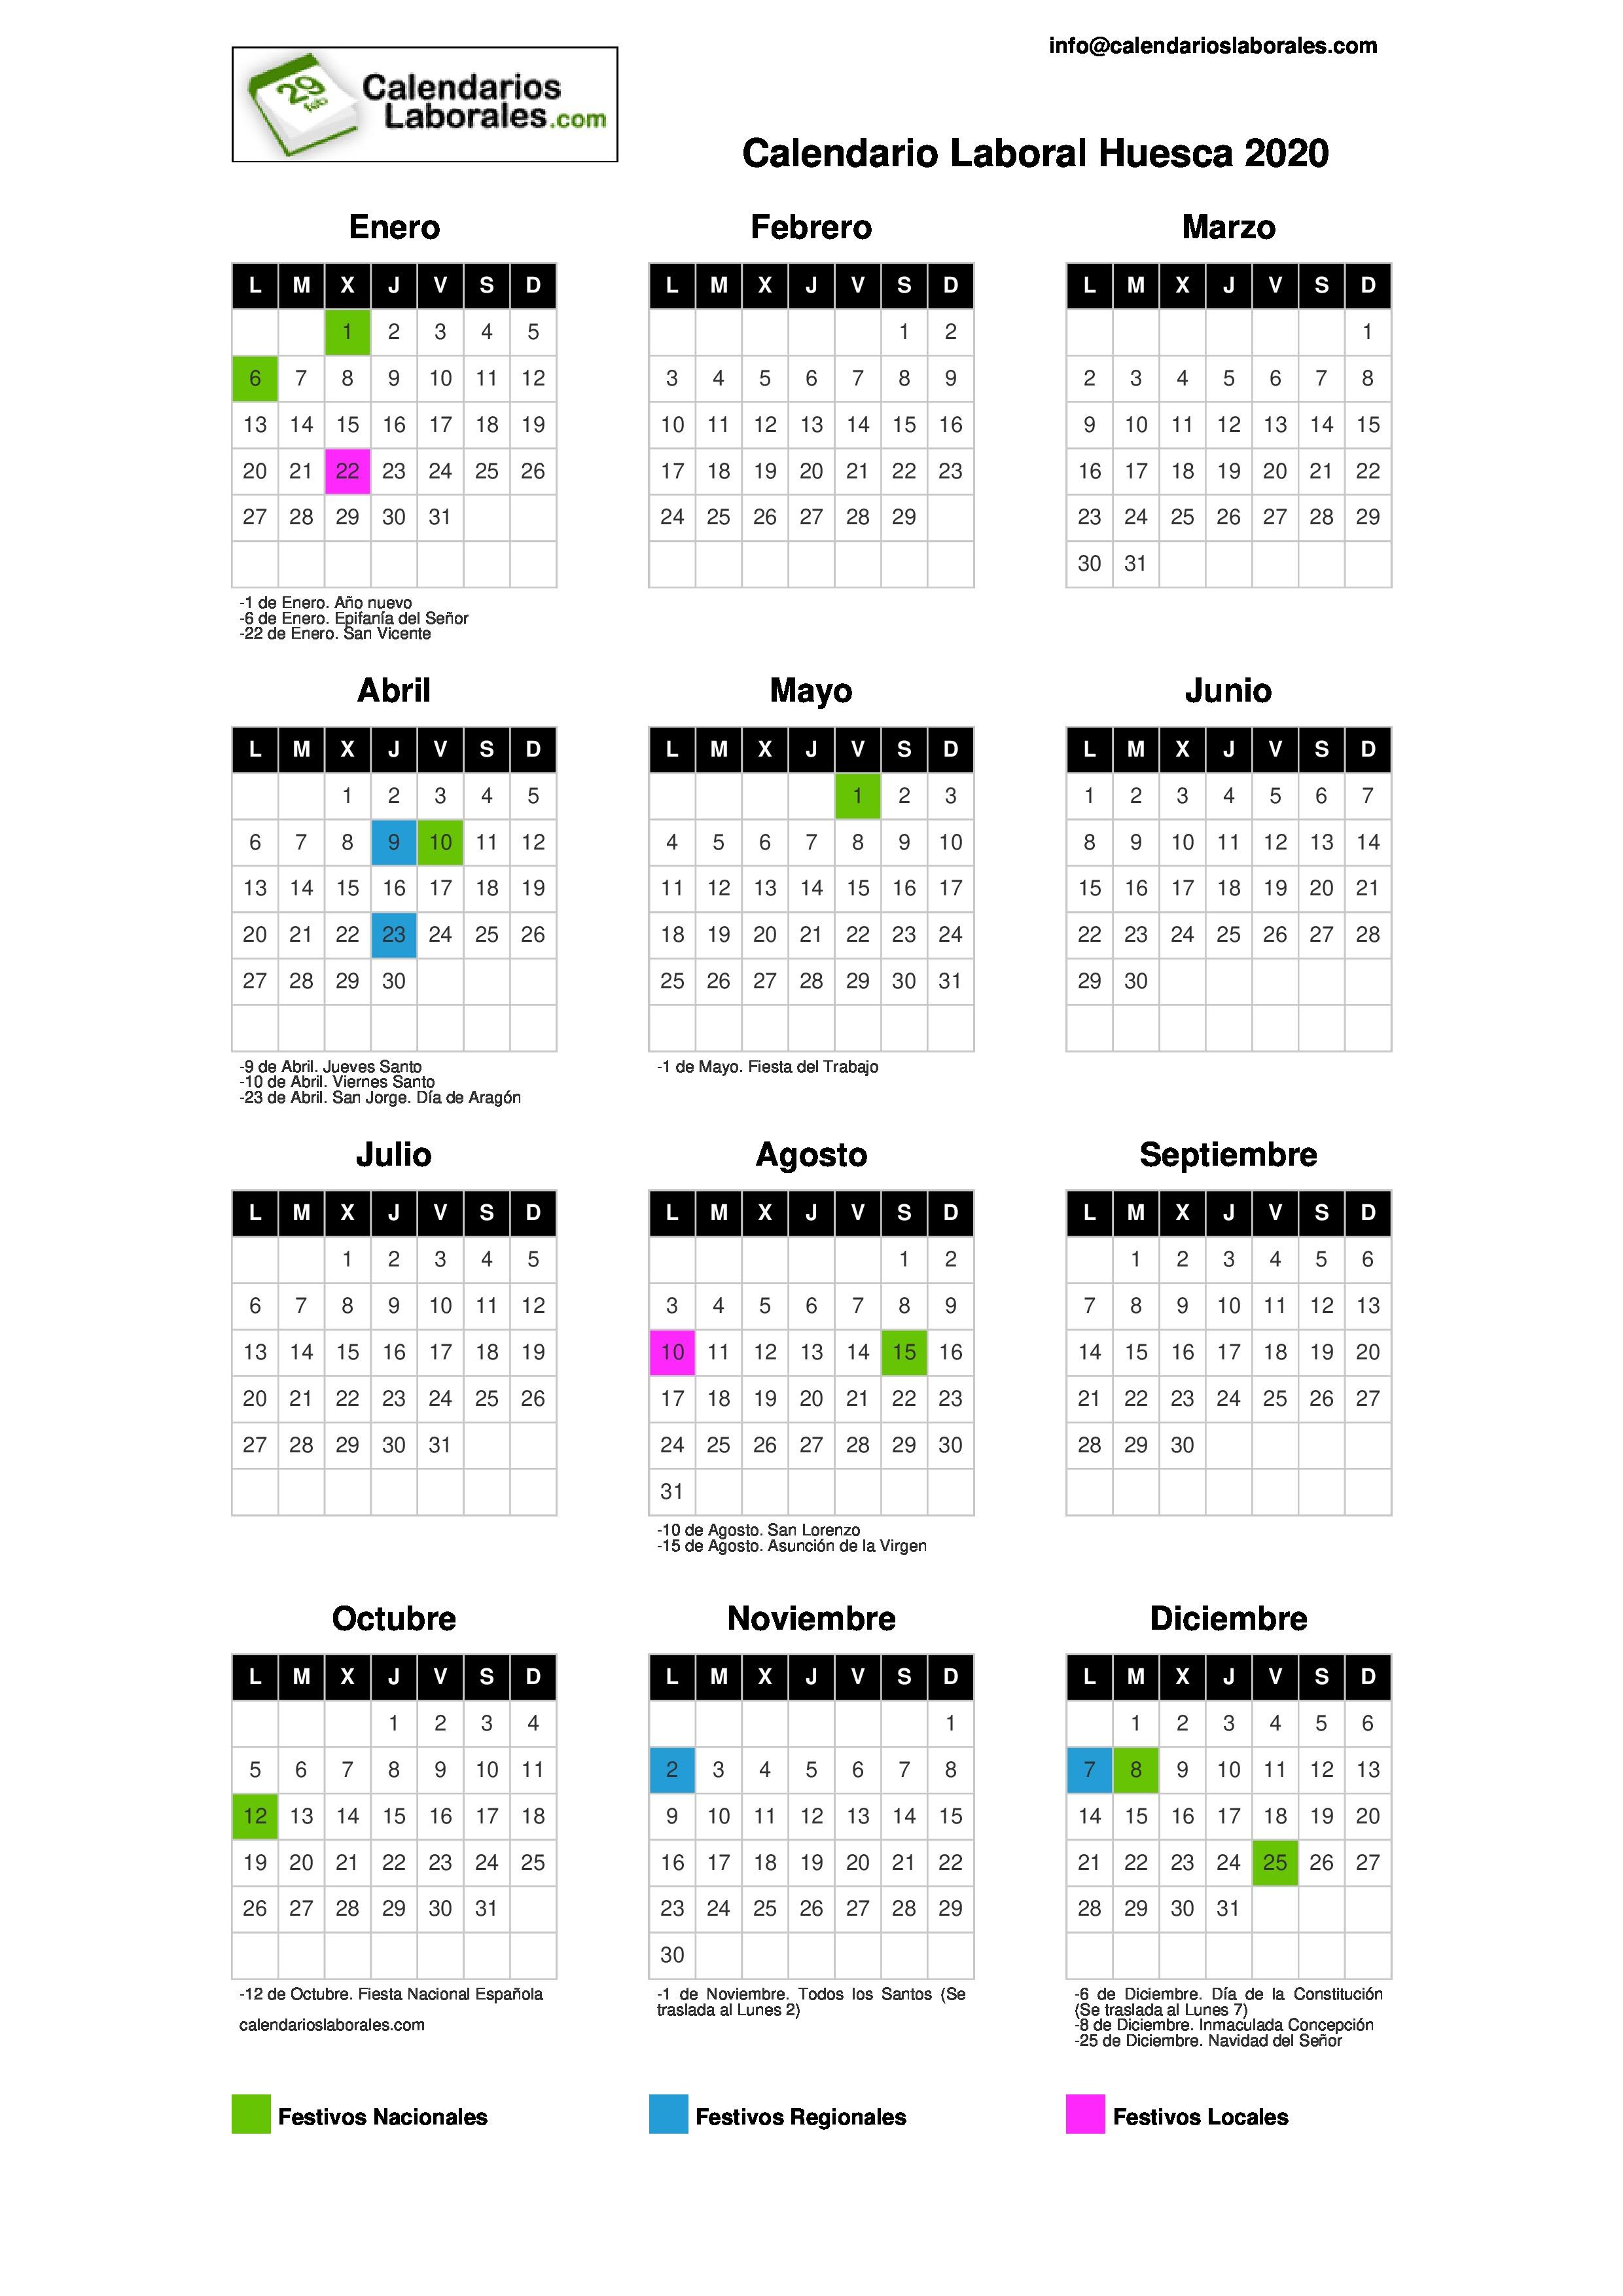 Calendario Festivi 2020.Calendario Laboral Huesca 2020